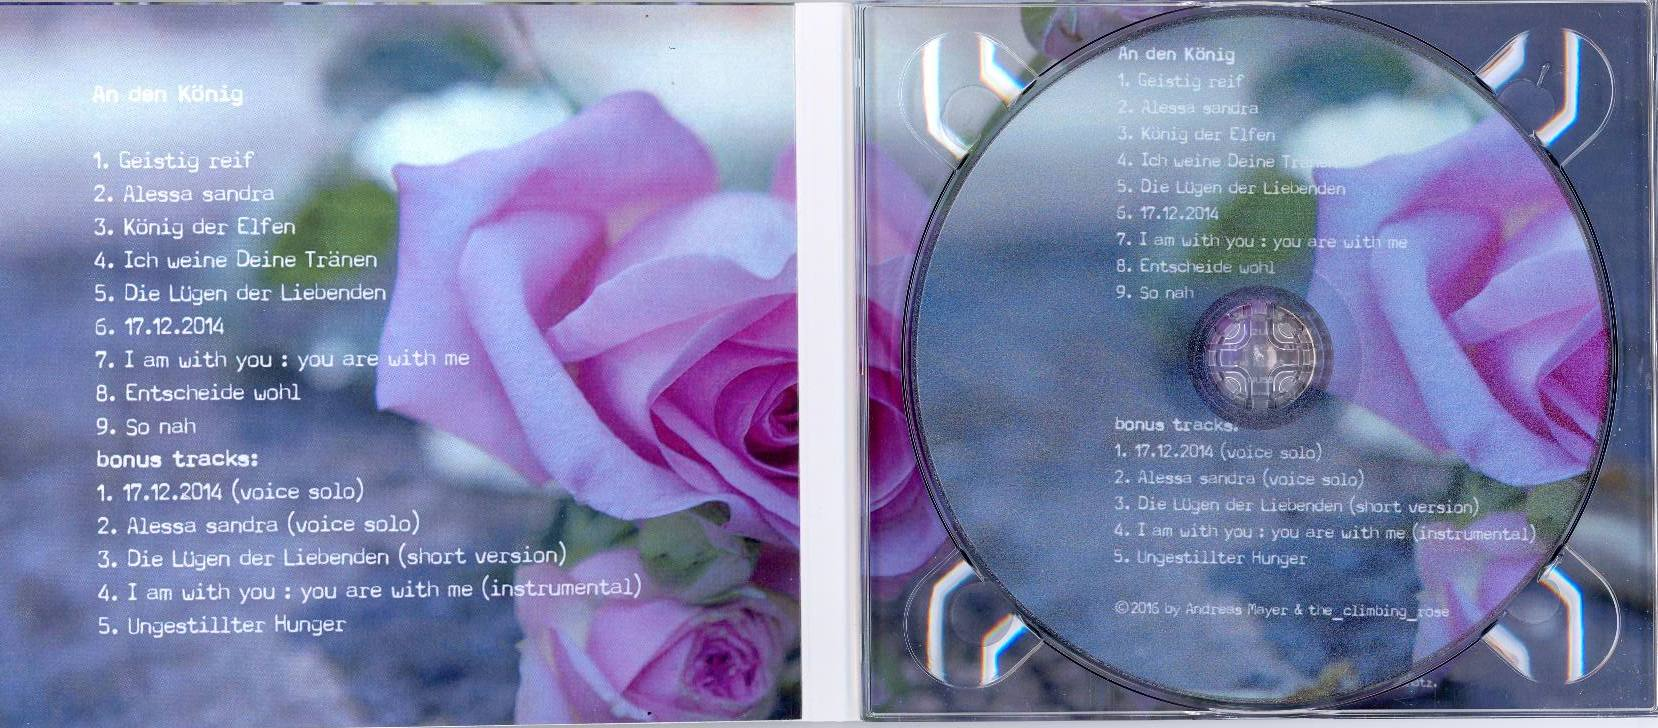 cd-innen